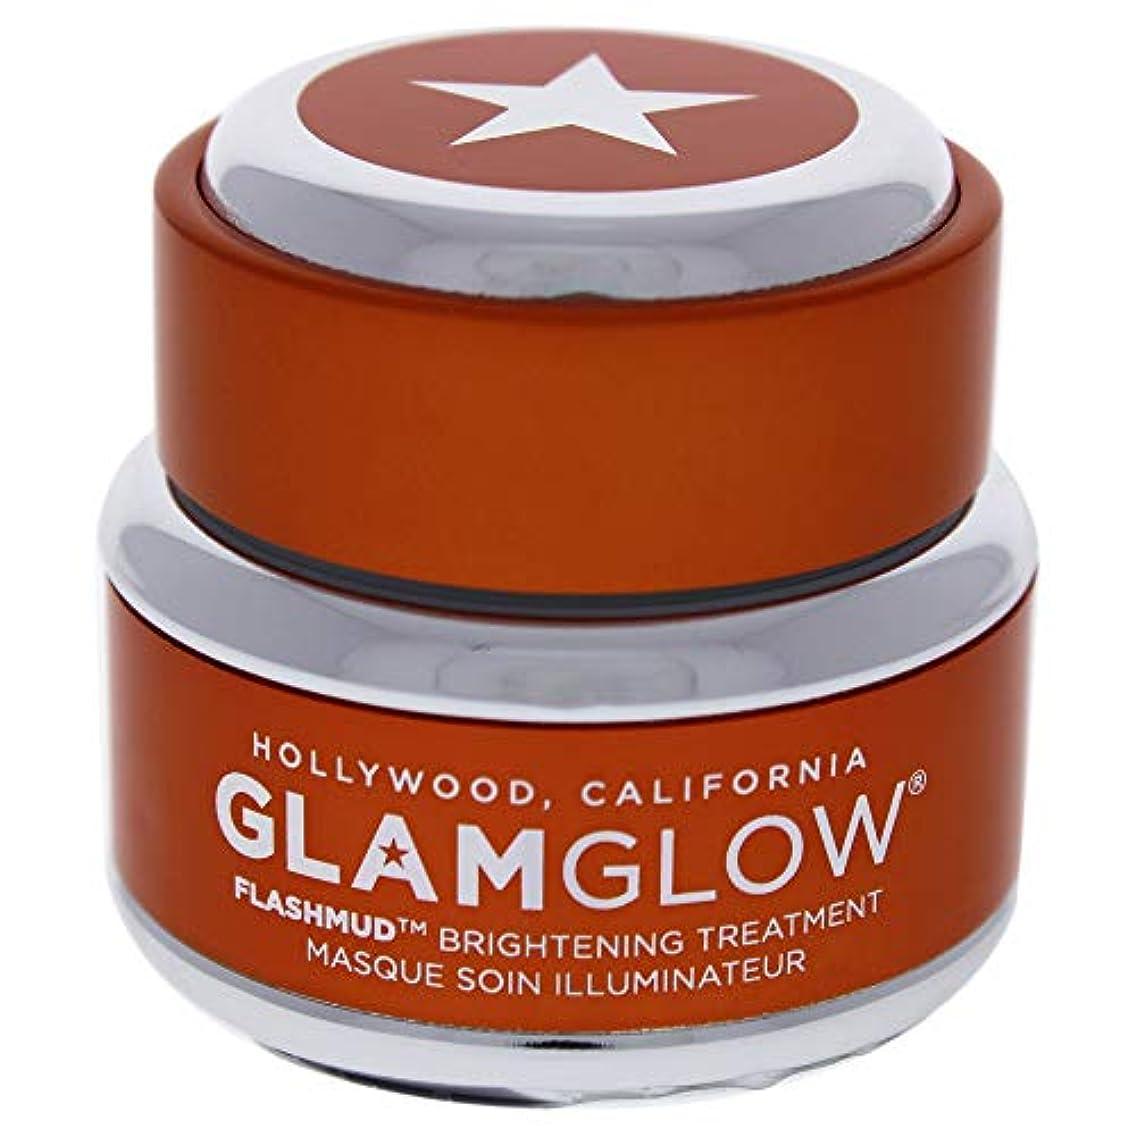 警告放送でるGlam Glow Flashmud Brightening Treatment Mask 0.5oz (15ml)